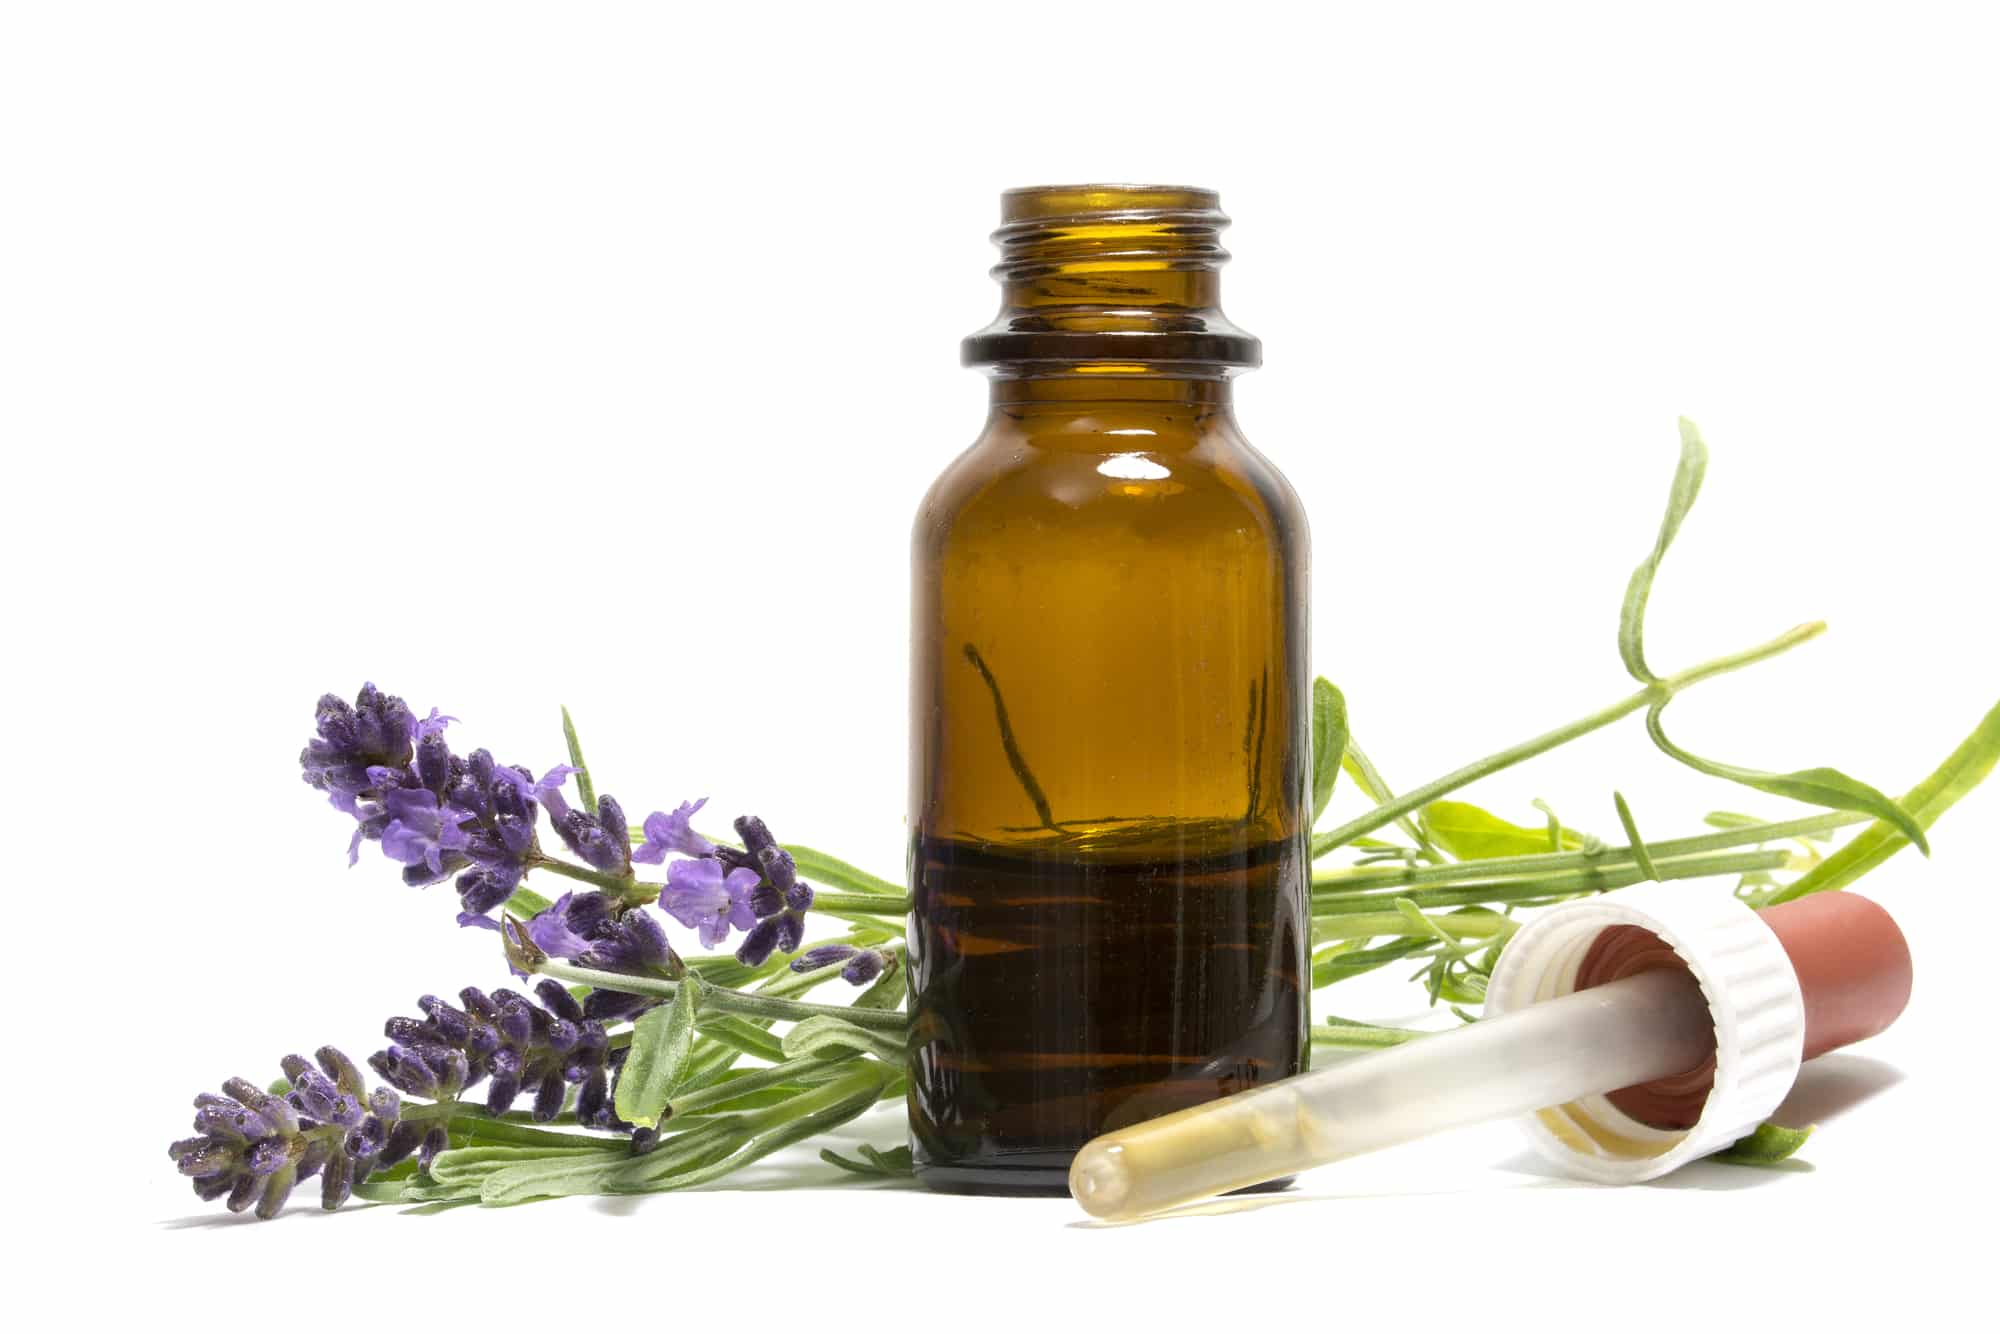 Lavendelöl: 5 Wirkungen, 3 Risiken + Anleitung zum Selbermachen